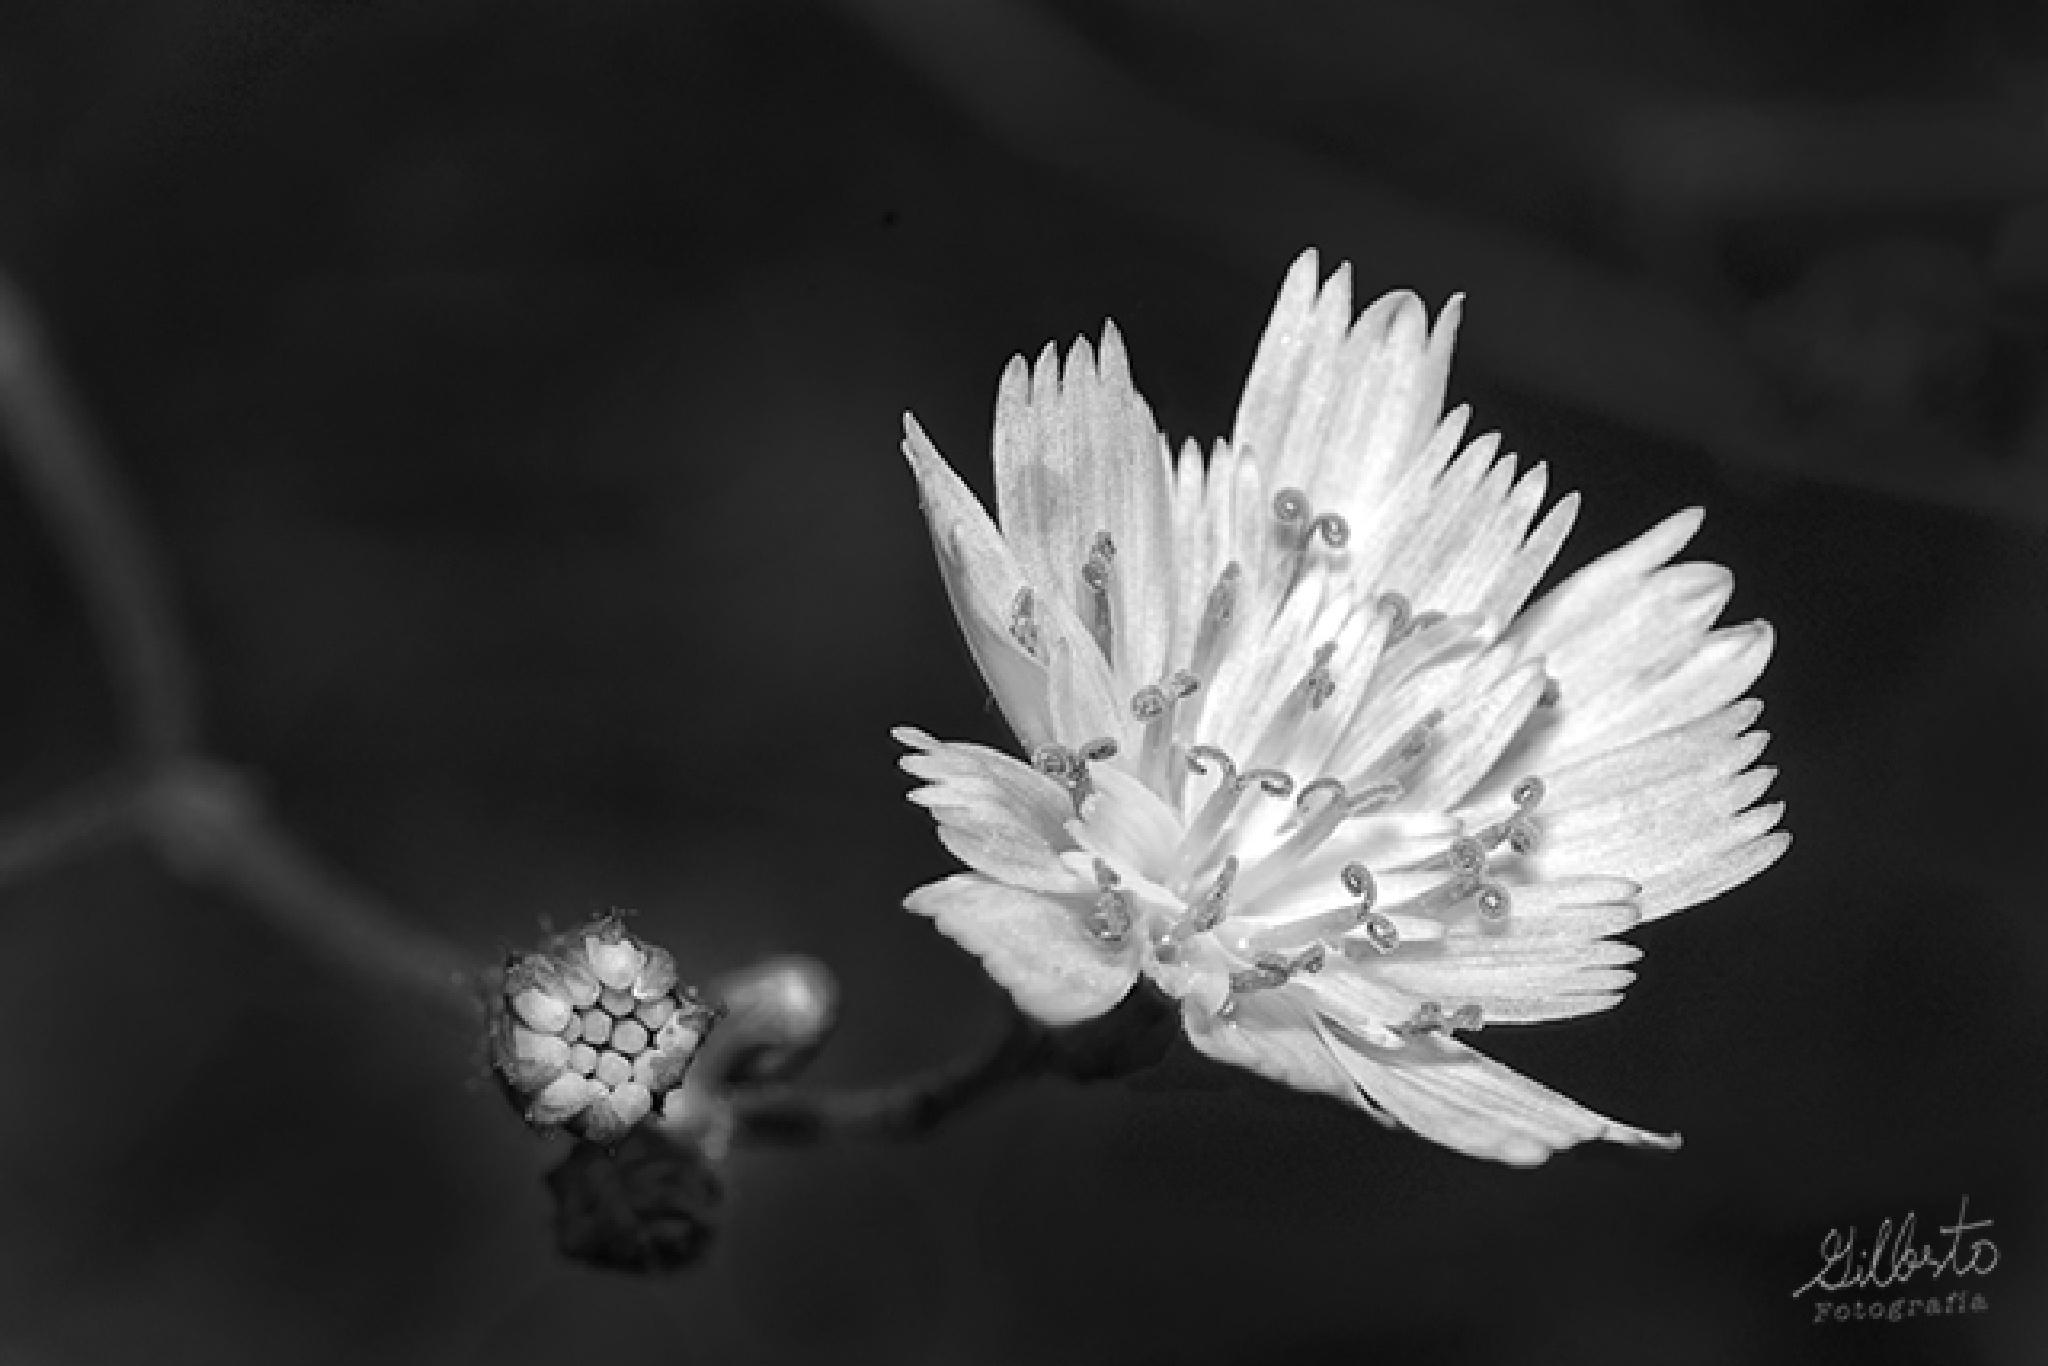 flor blanca by Gilberto Rodriguez Moreno